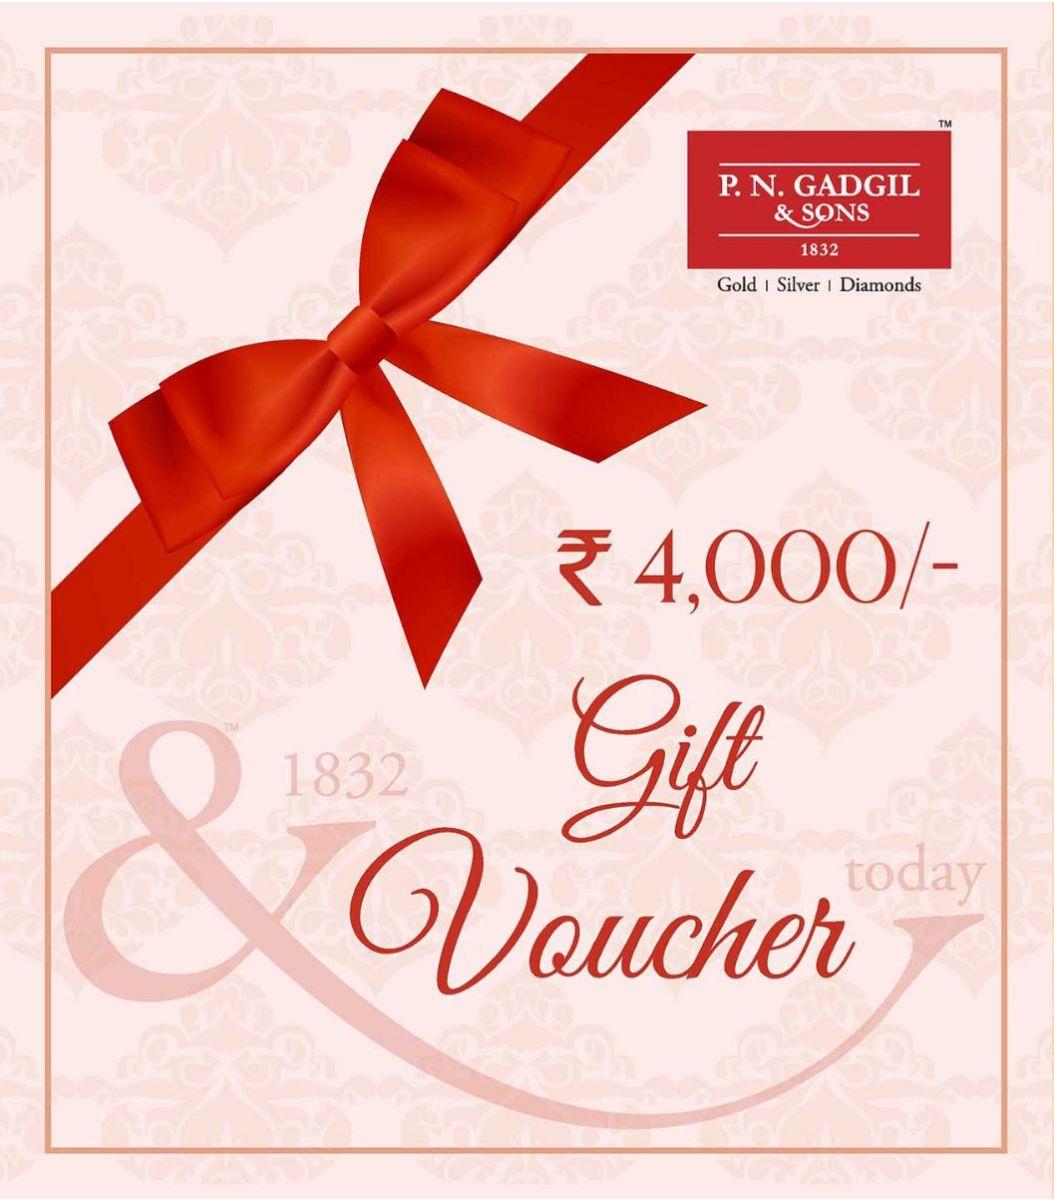 Gift Voucher ₹4000